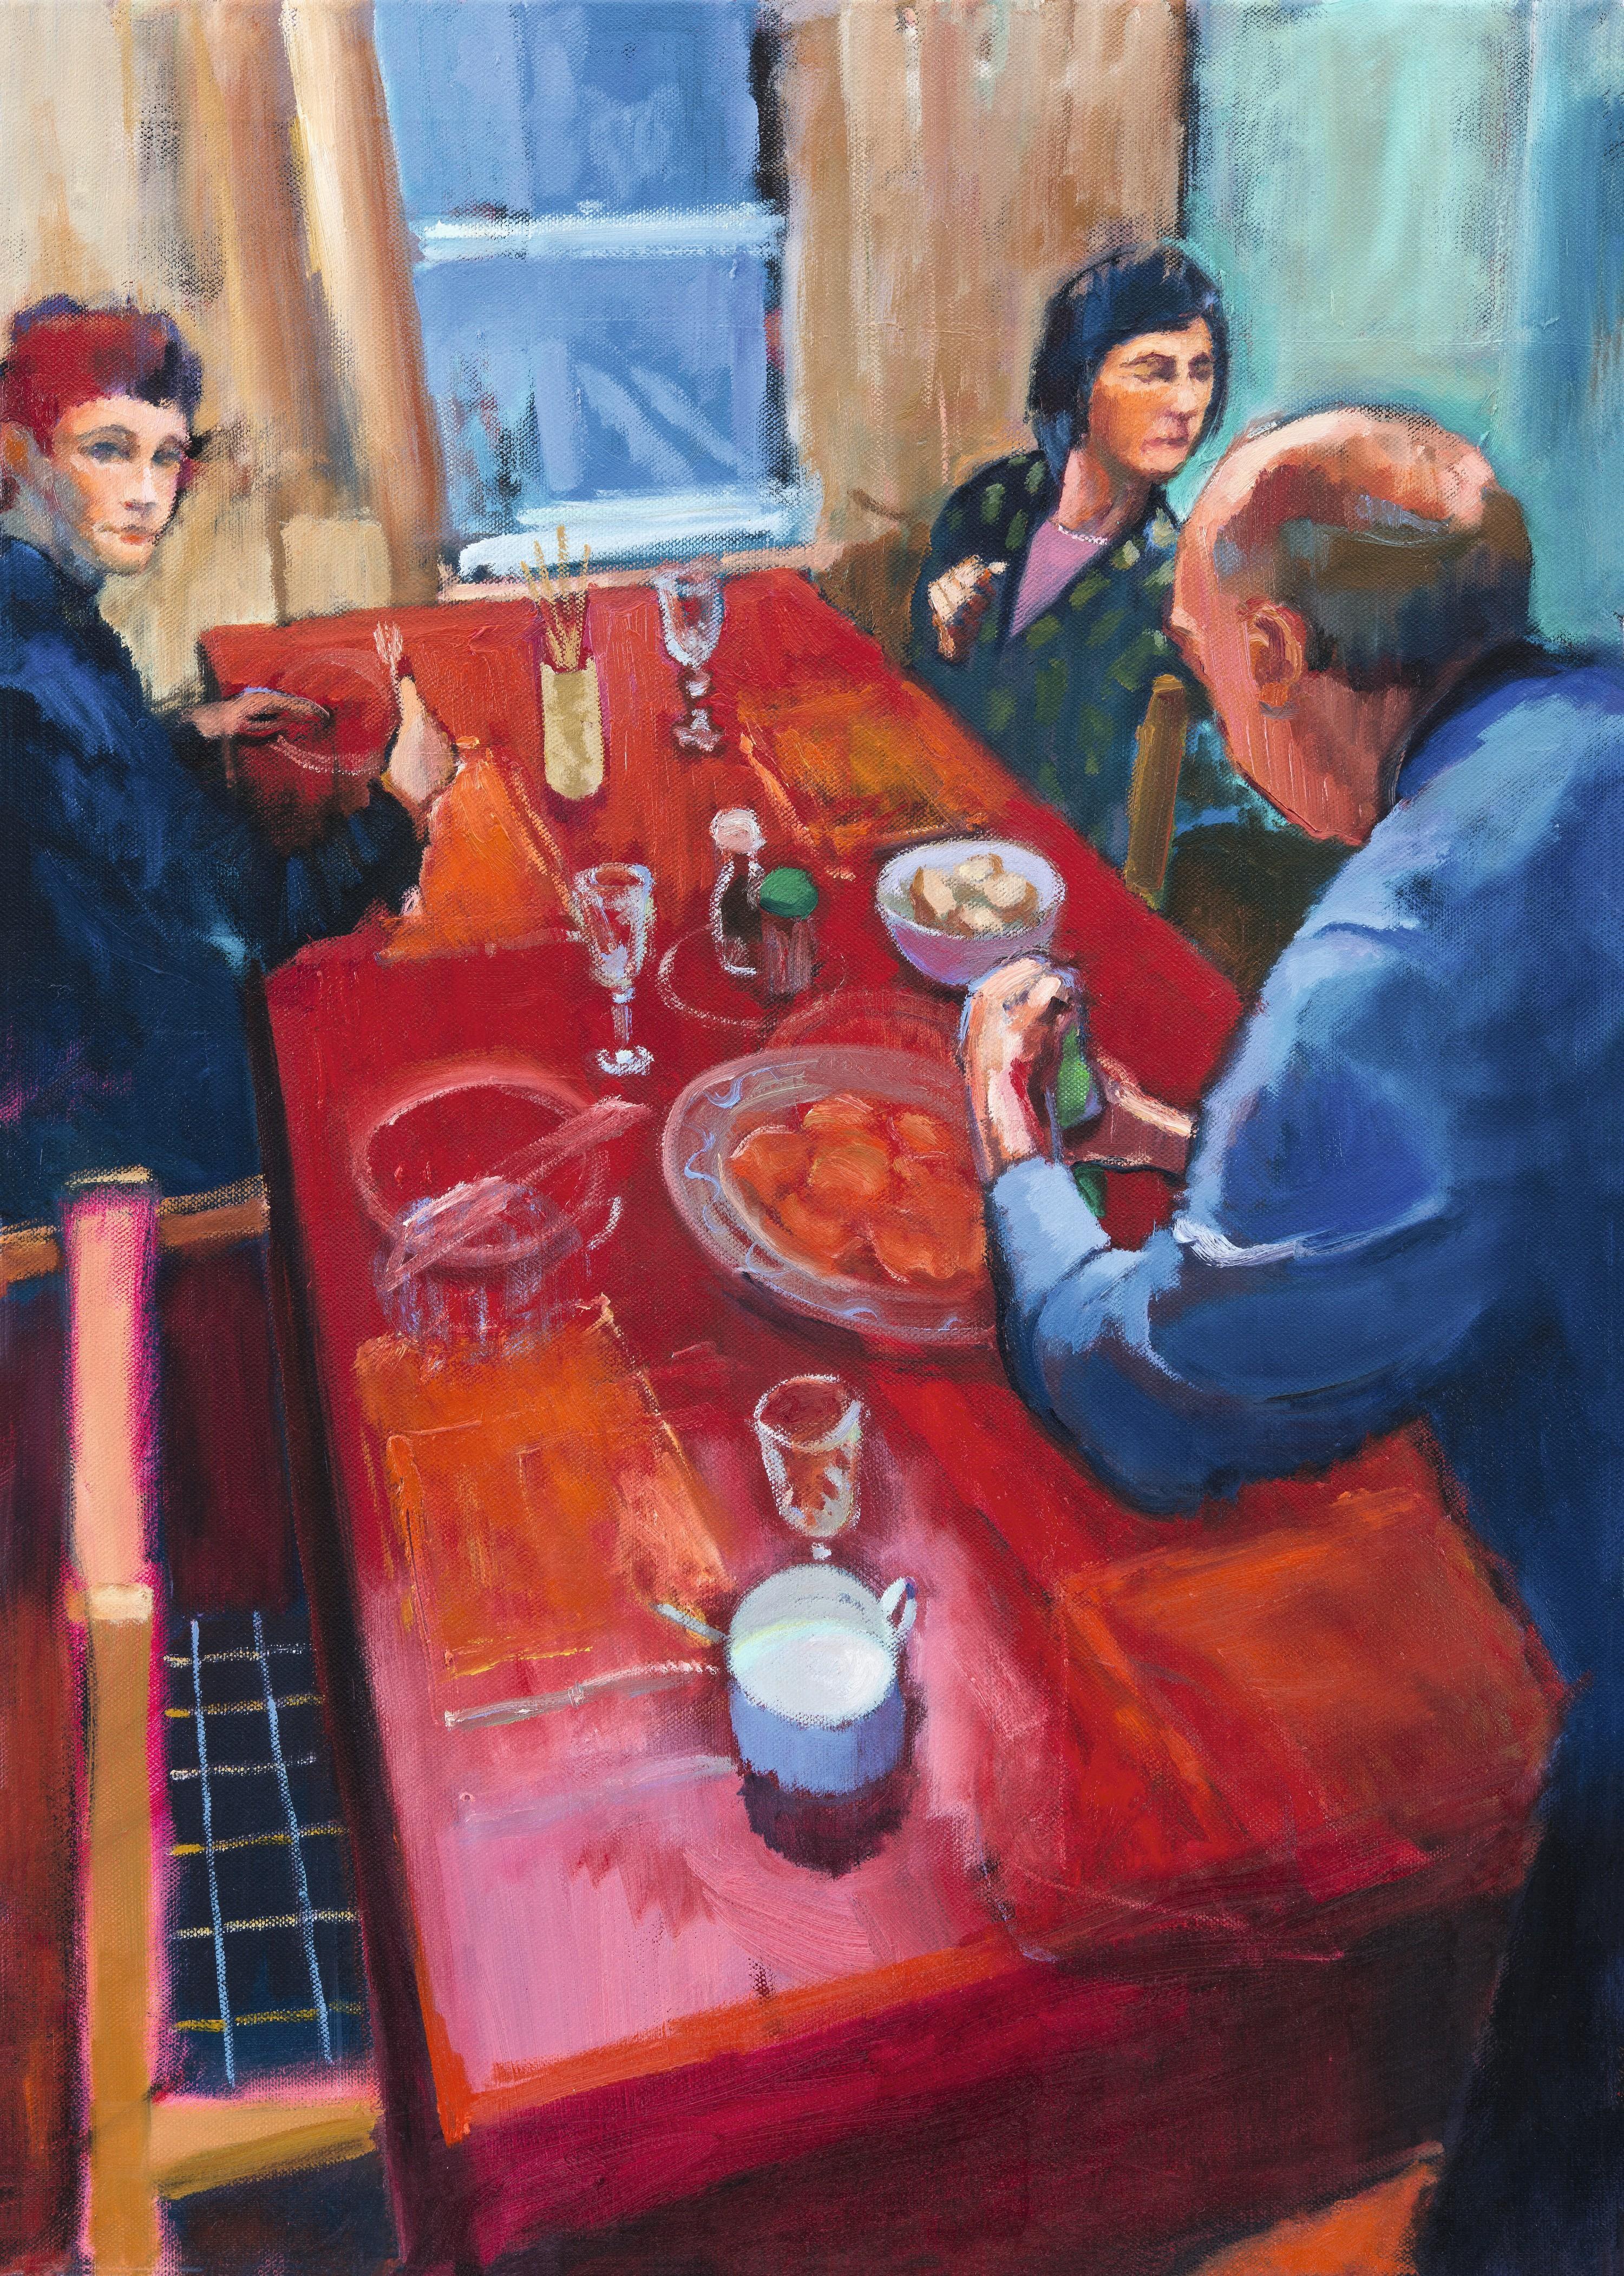 Marco Cazzulini, Le souper, 2013, huile sur toile, 70× 50 cm, coll. privée.